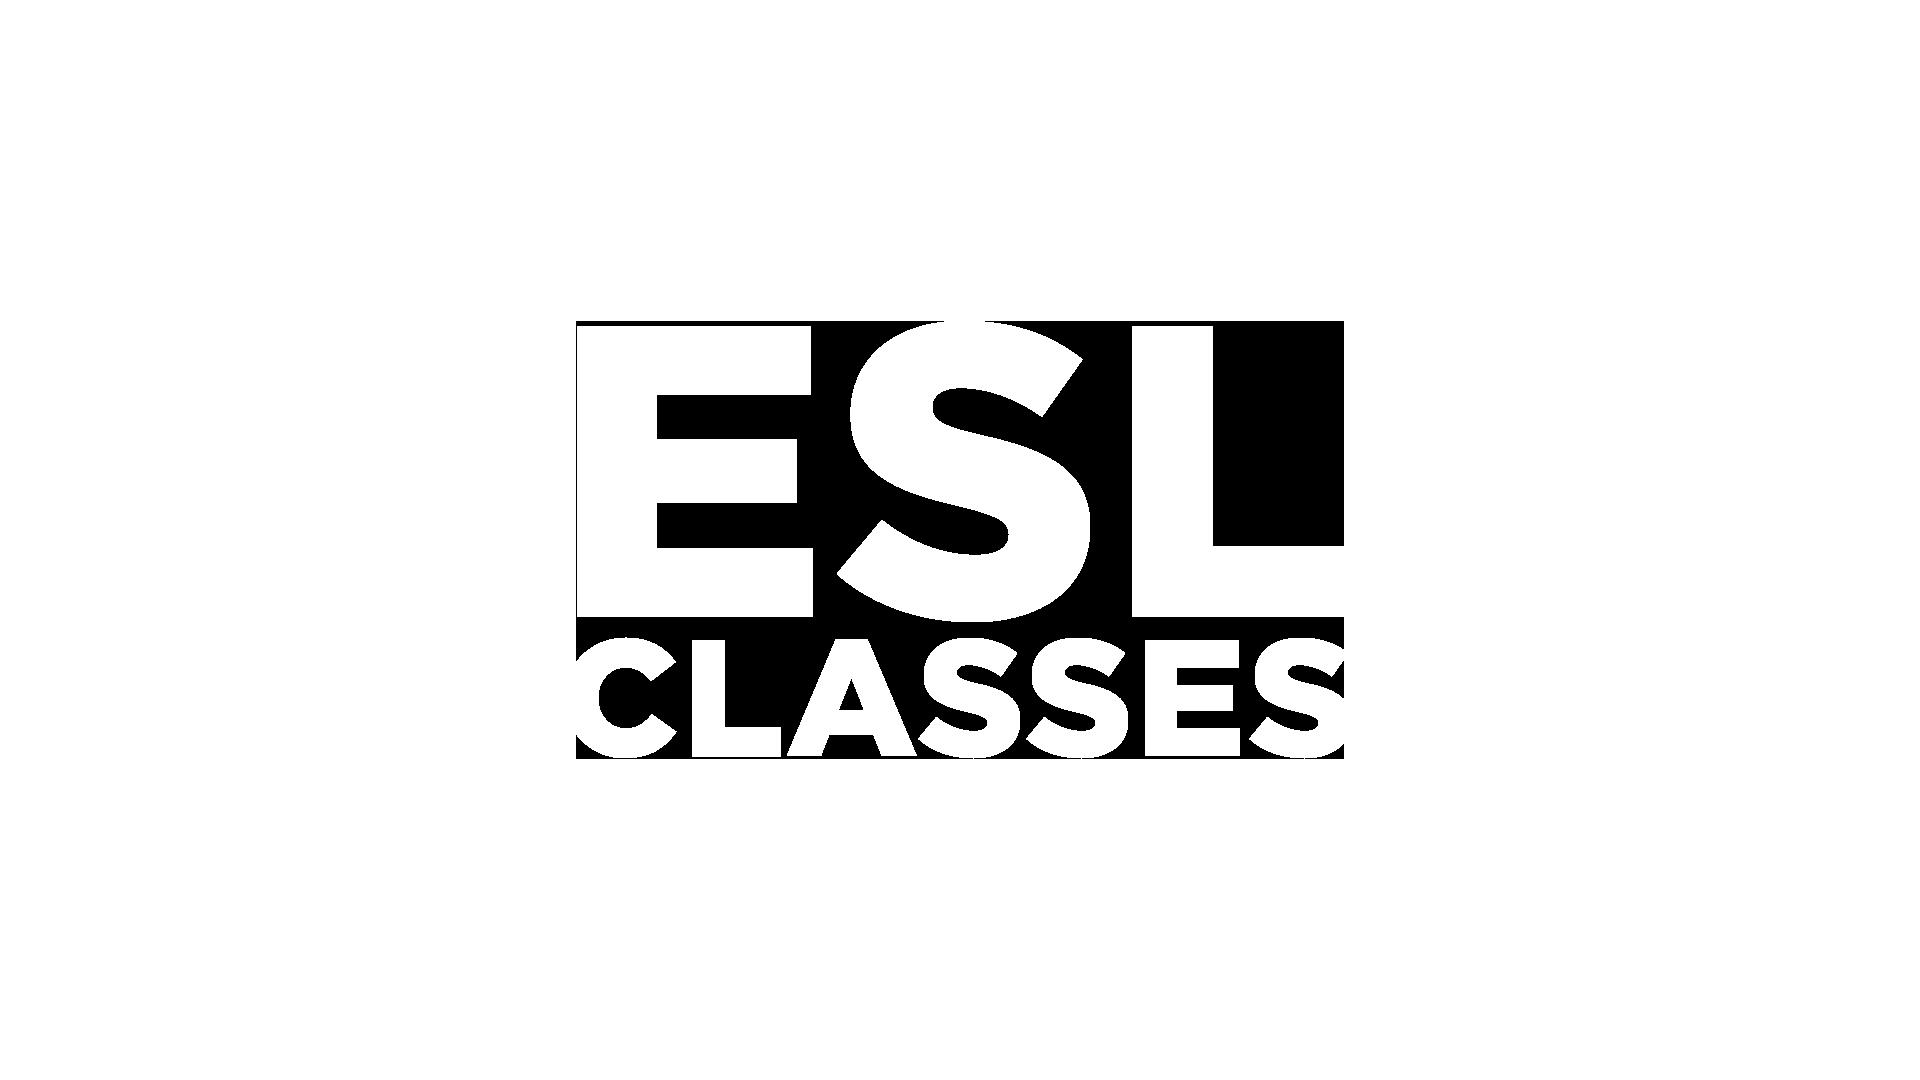 ESL Classes Text - 2.png